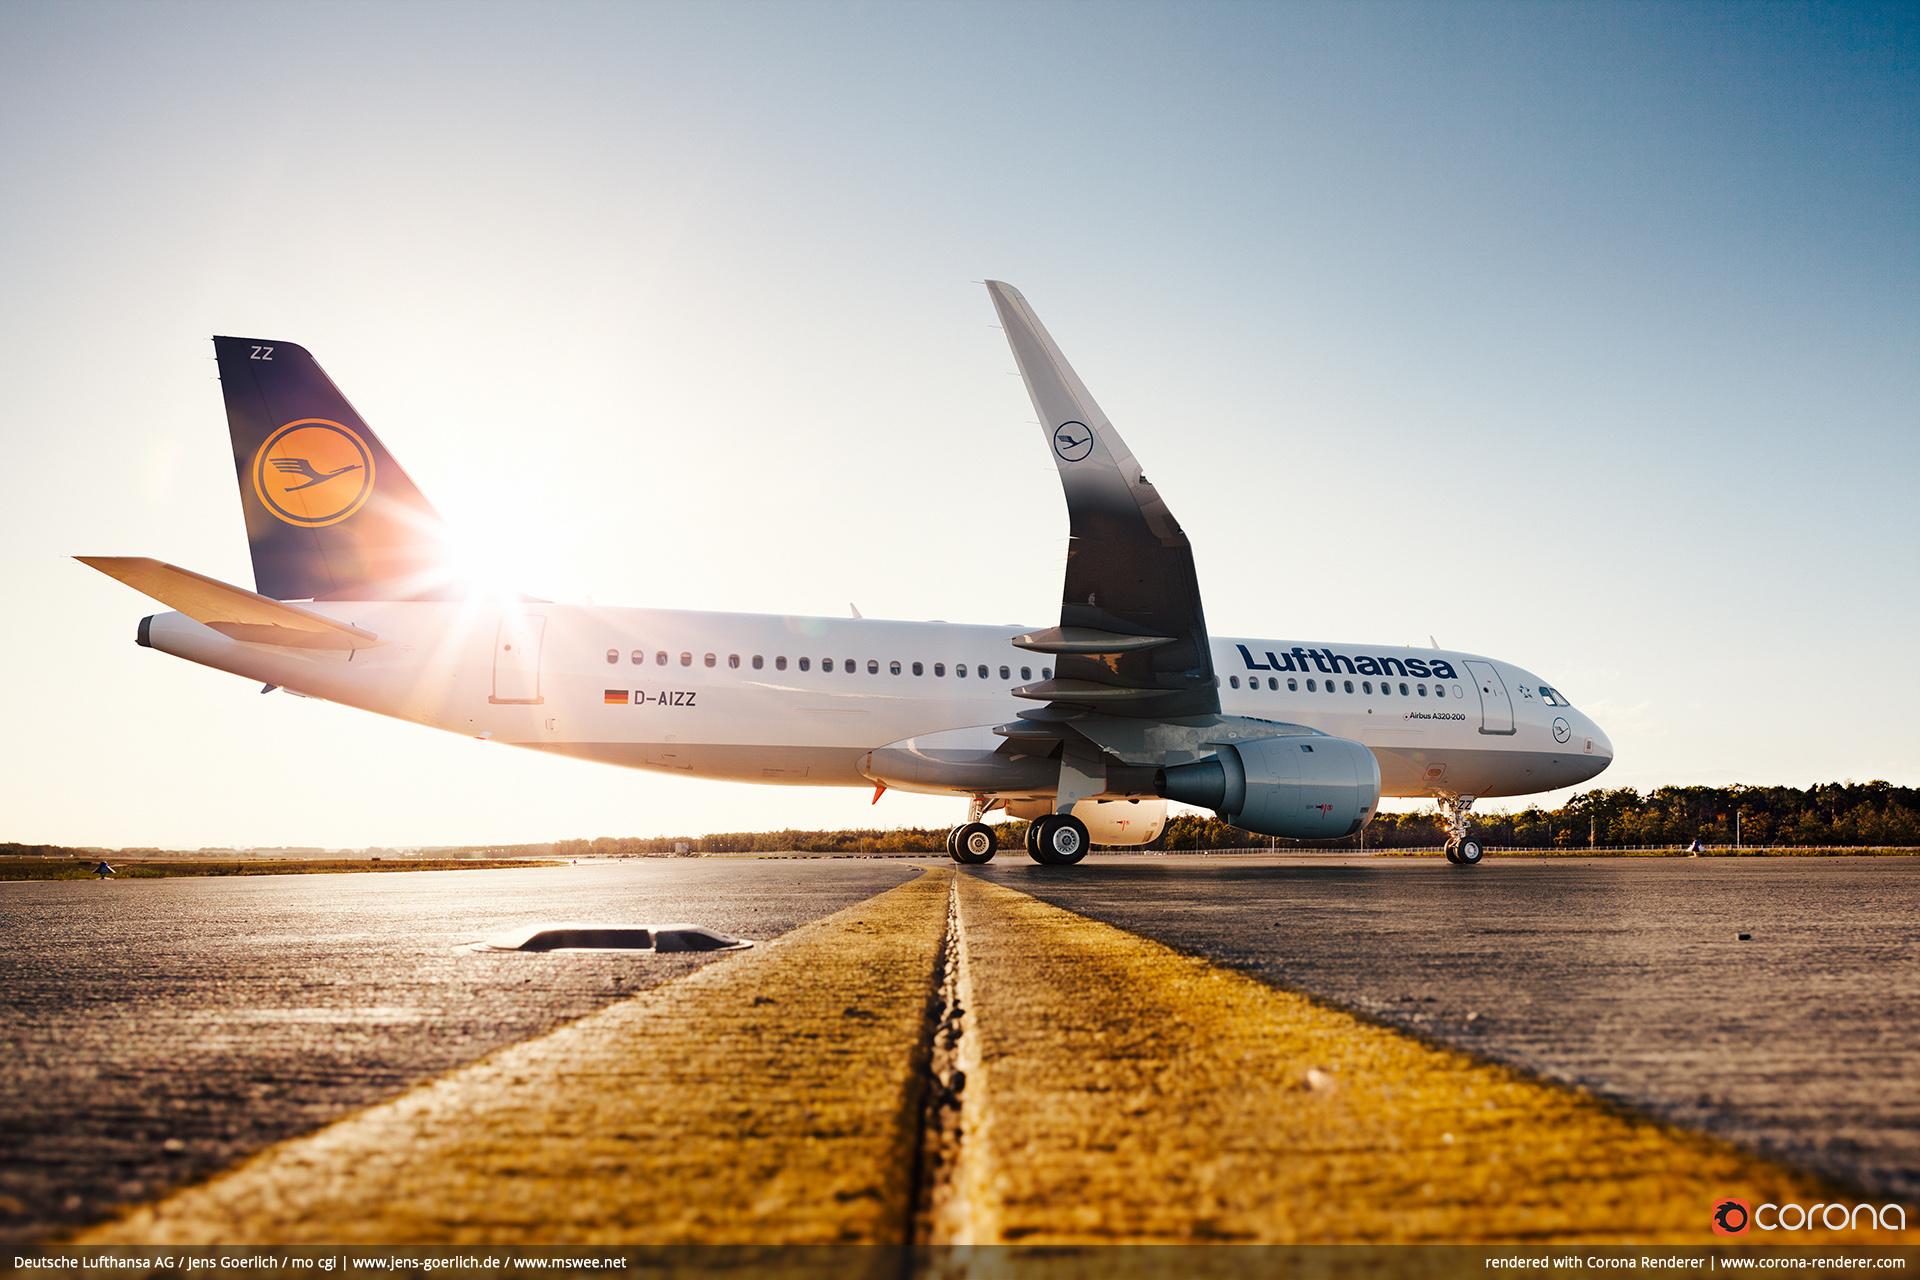 Deutsche Lufthansa AG / Jens Goerlich / mo cgi - Lufthansa A320 Corona render